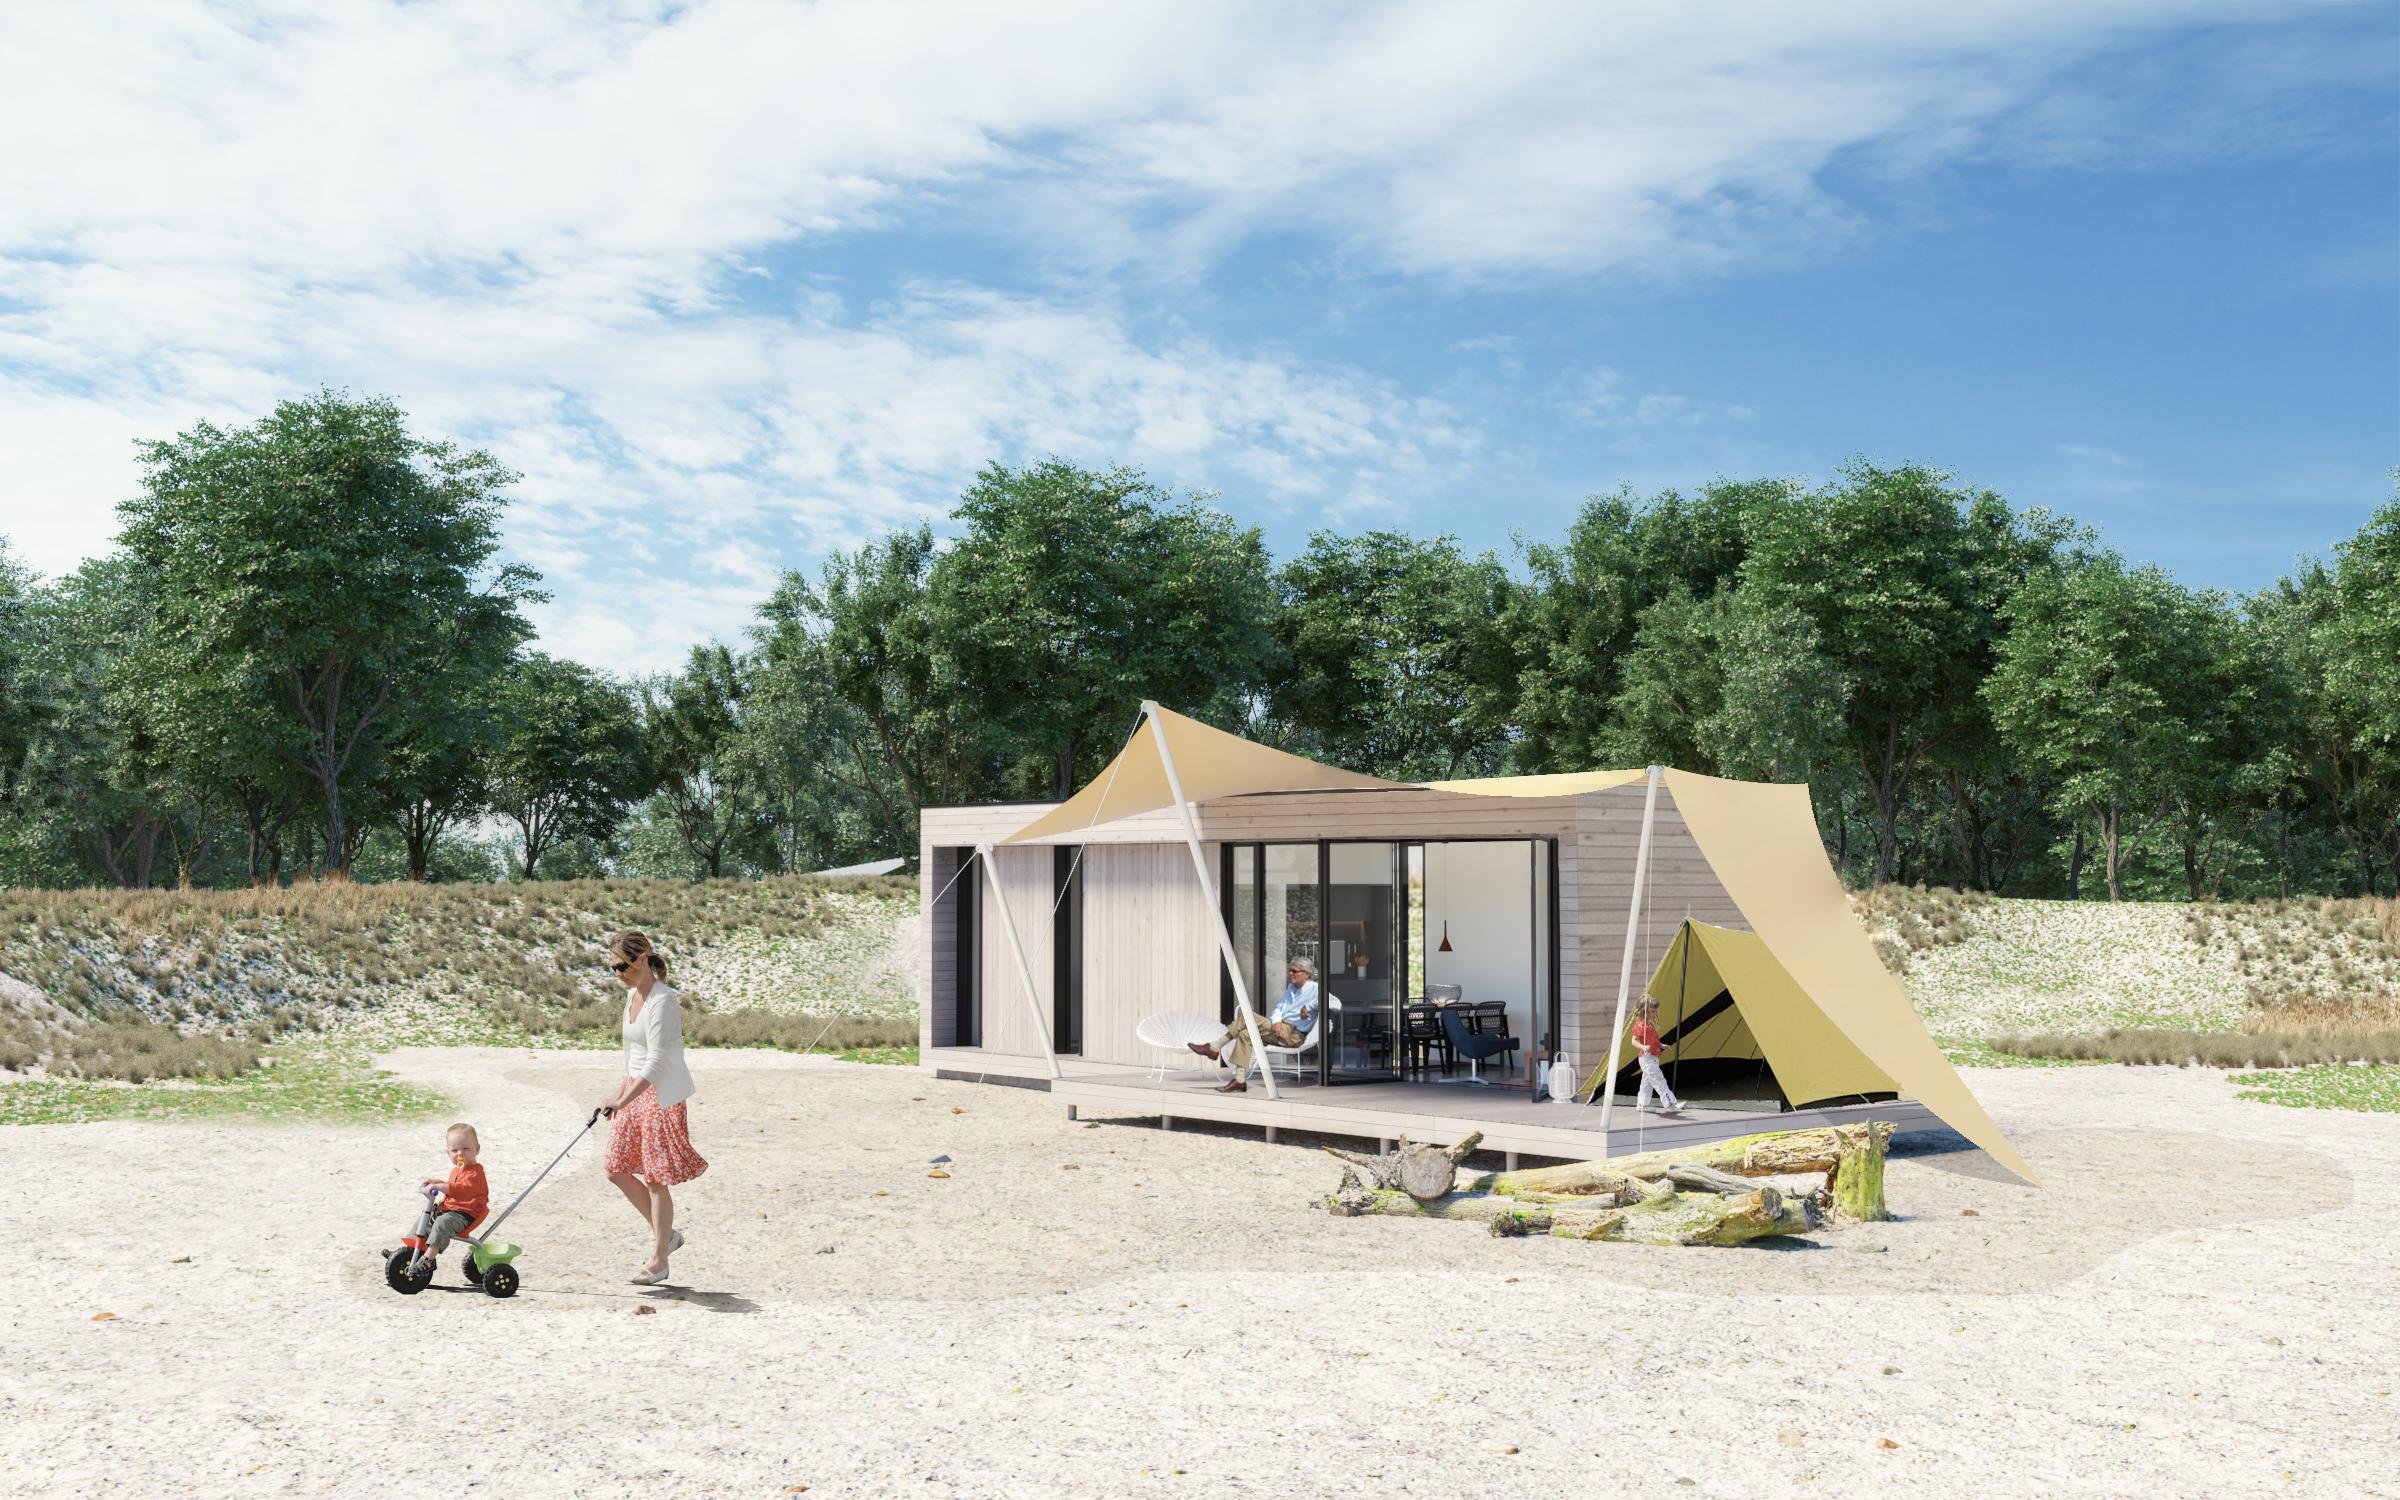 35m2 De Waard tent